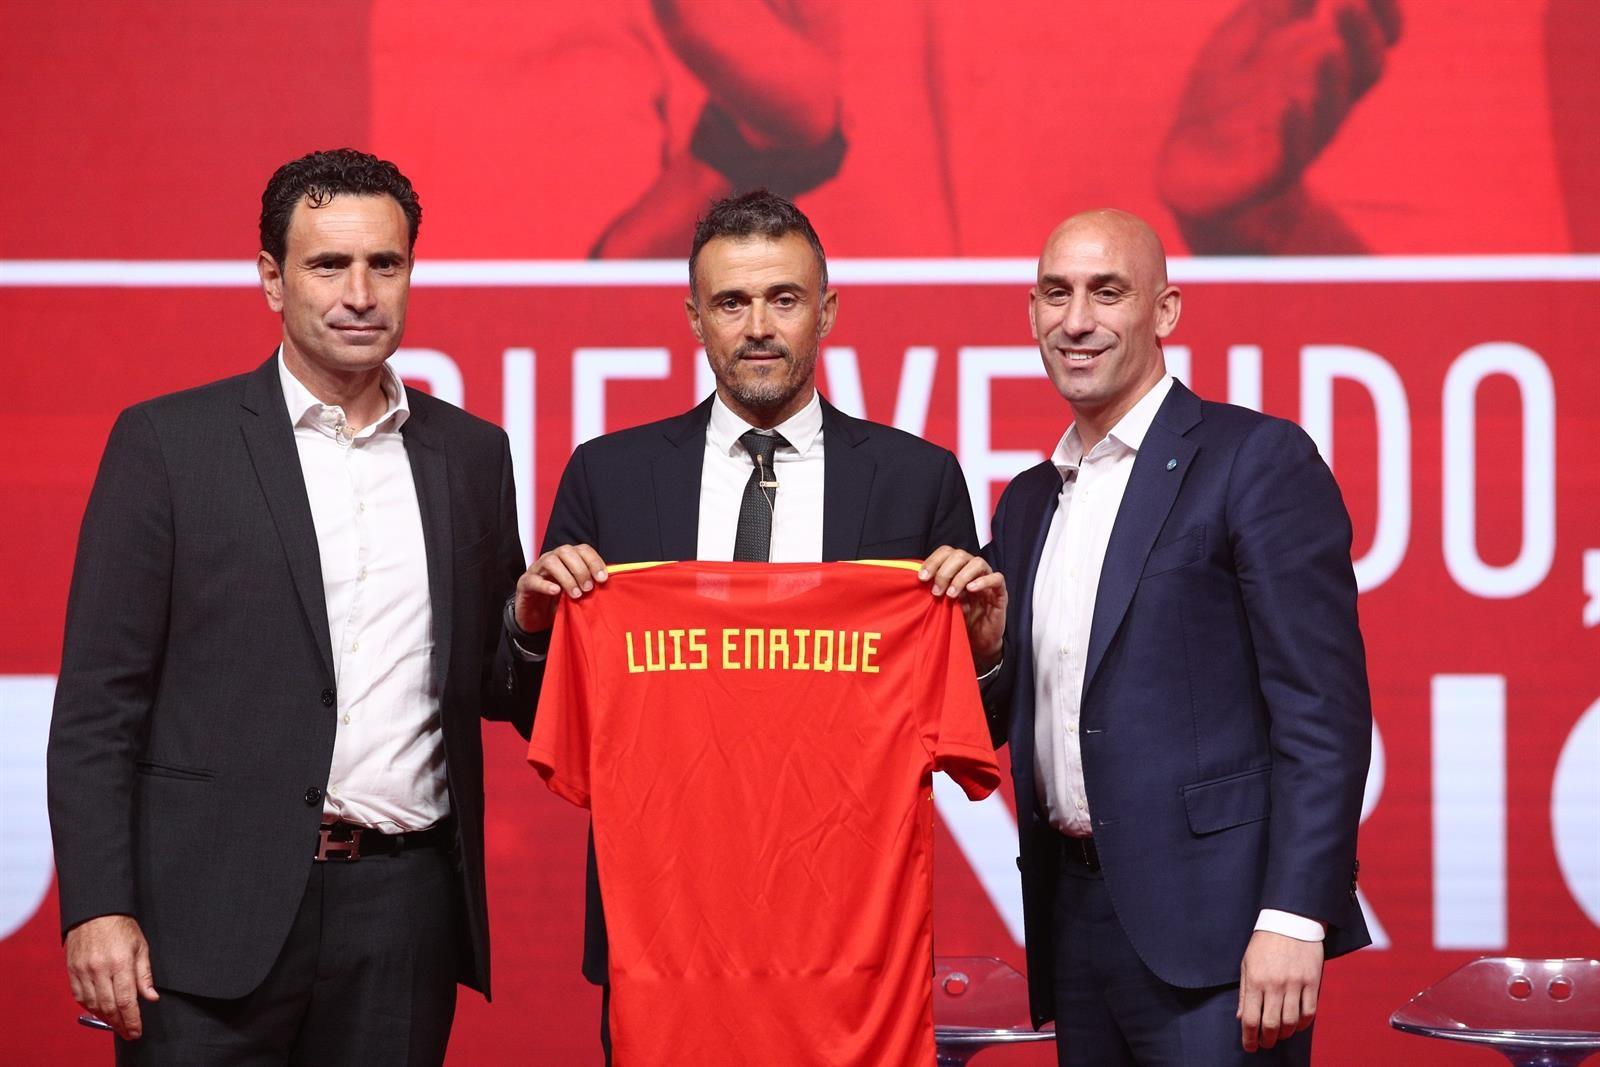 Rubialess đã bổ nhiệm Luis Enrique vào ghế HLV trưởng ĐTQG 2 lần trong 18 tháng với hy vọng củng cố kỷ luật và loại bỏ quyền lực của cầu thủ